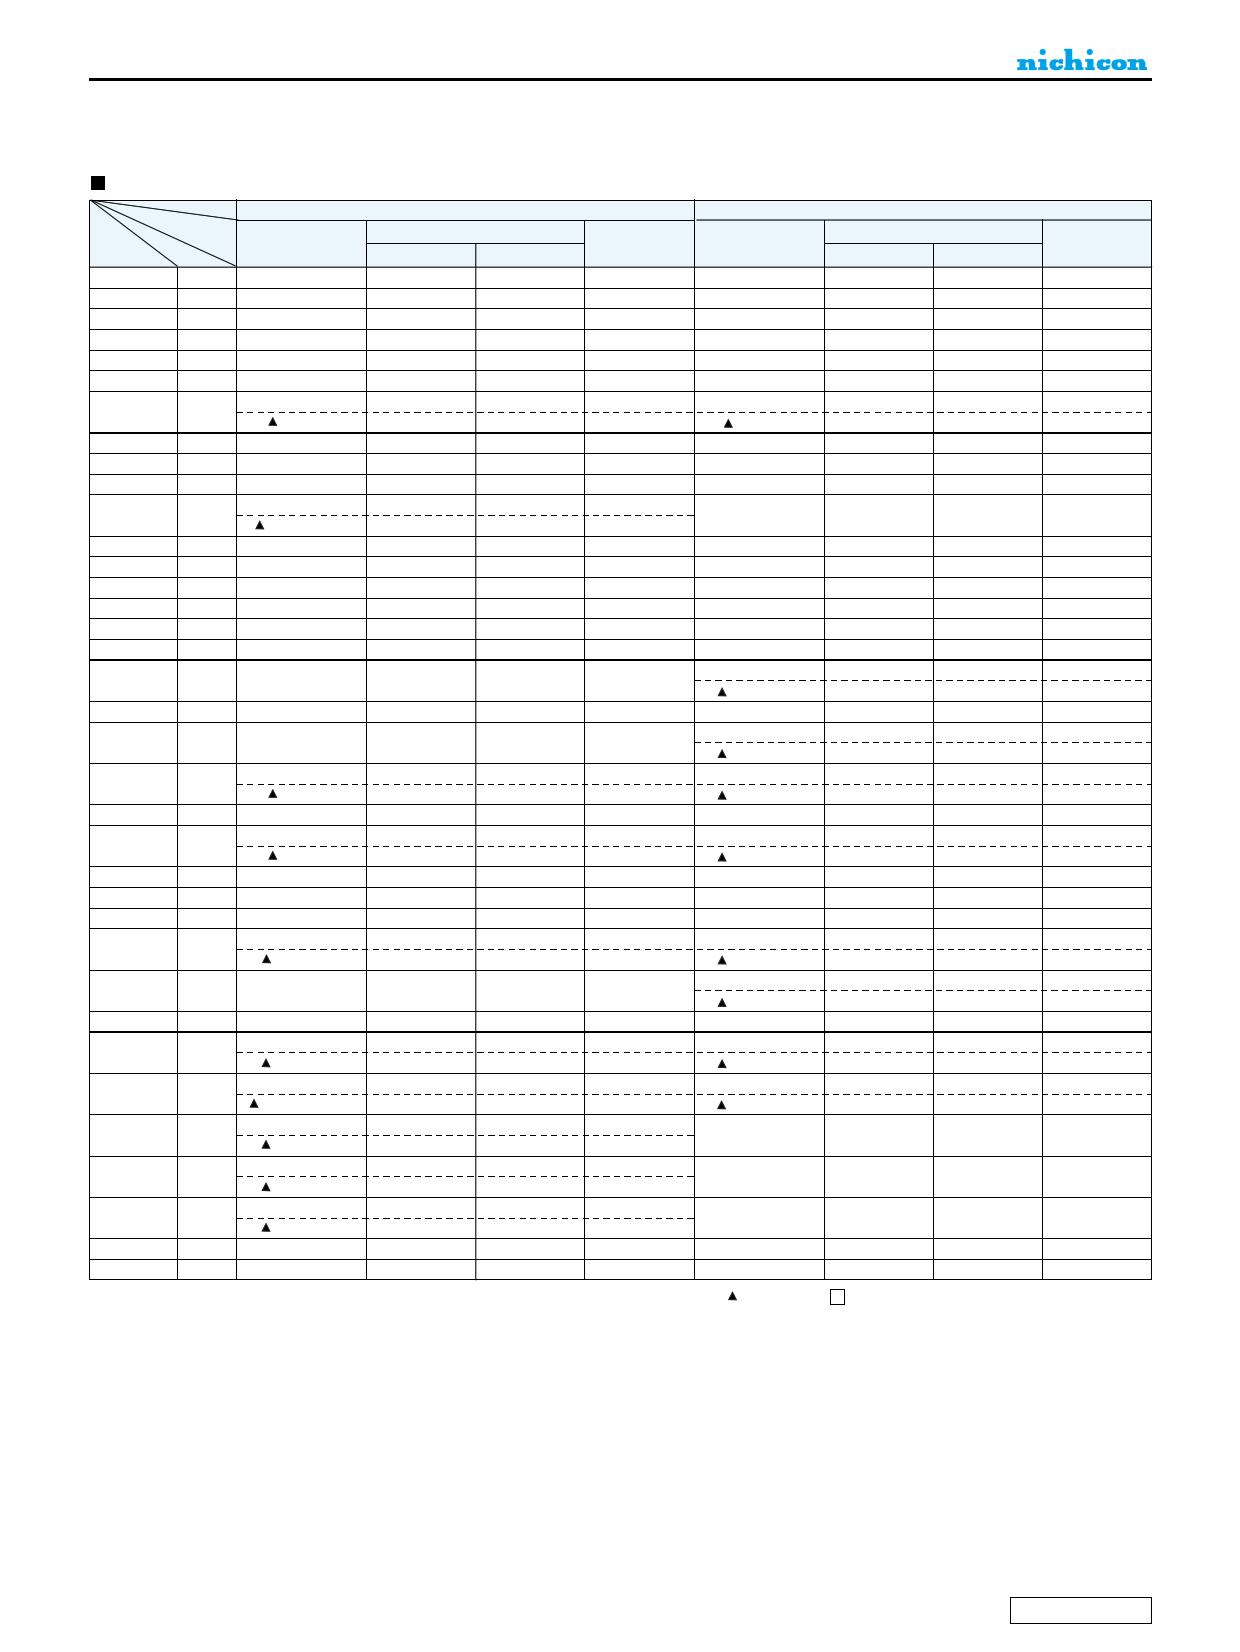 UPW1V220MDD pdf, 반도체, 판매, 대치품